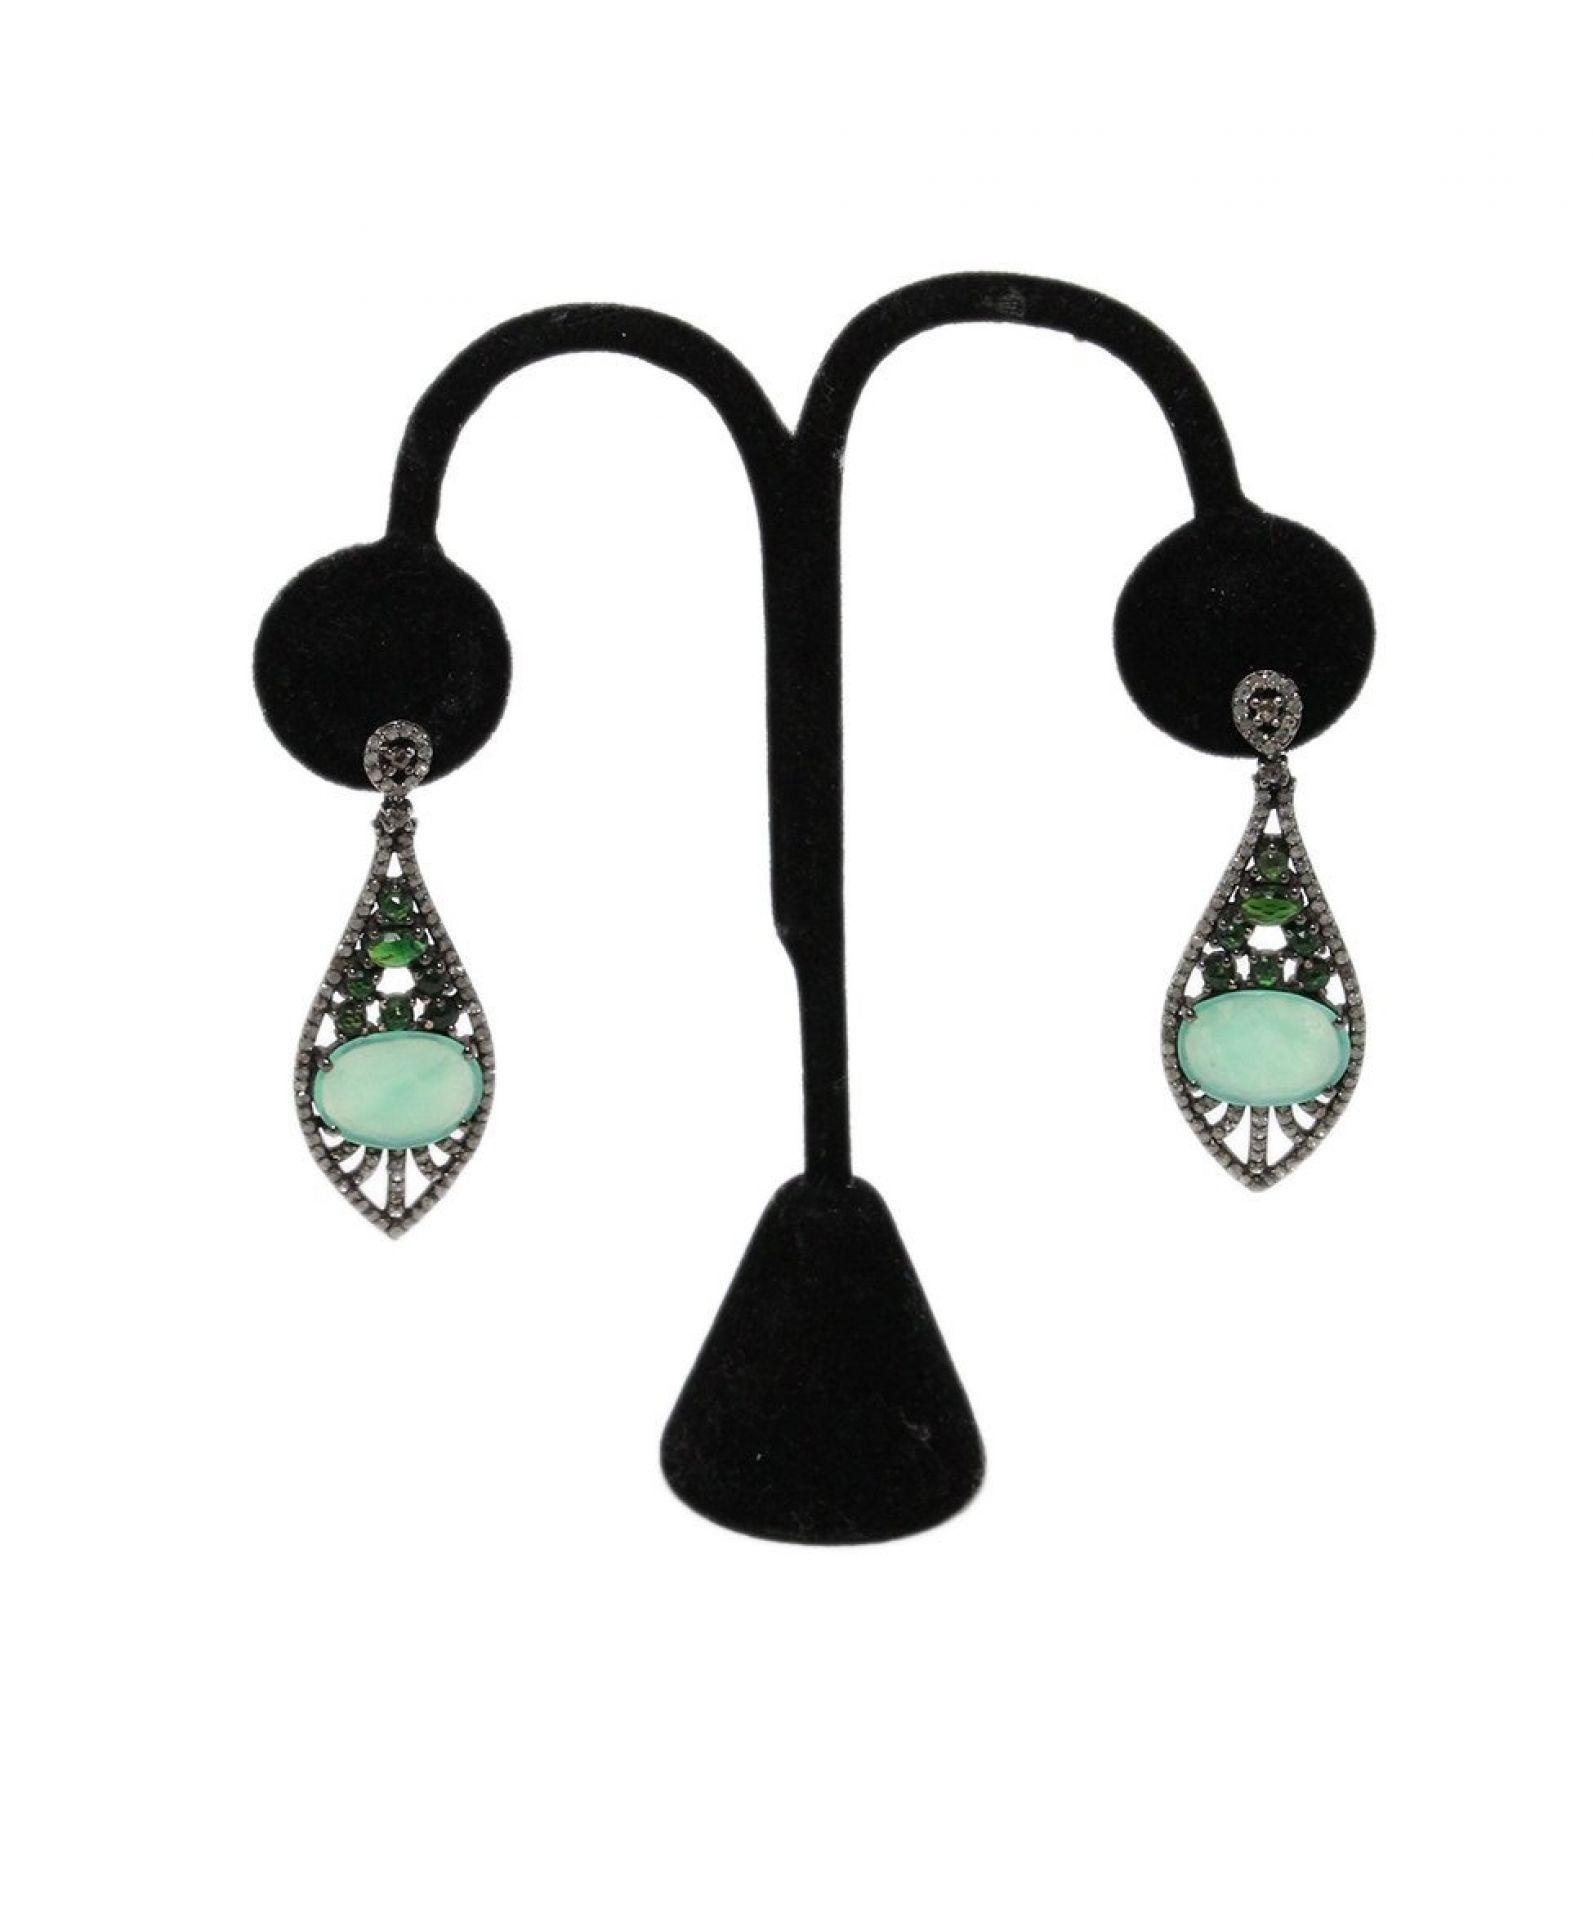 BAVNA STERLING SILVER DIAMOND CHRYSOPRASE EARRINGS